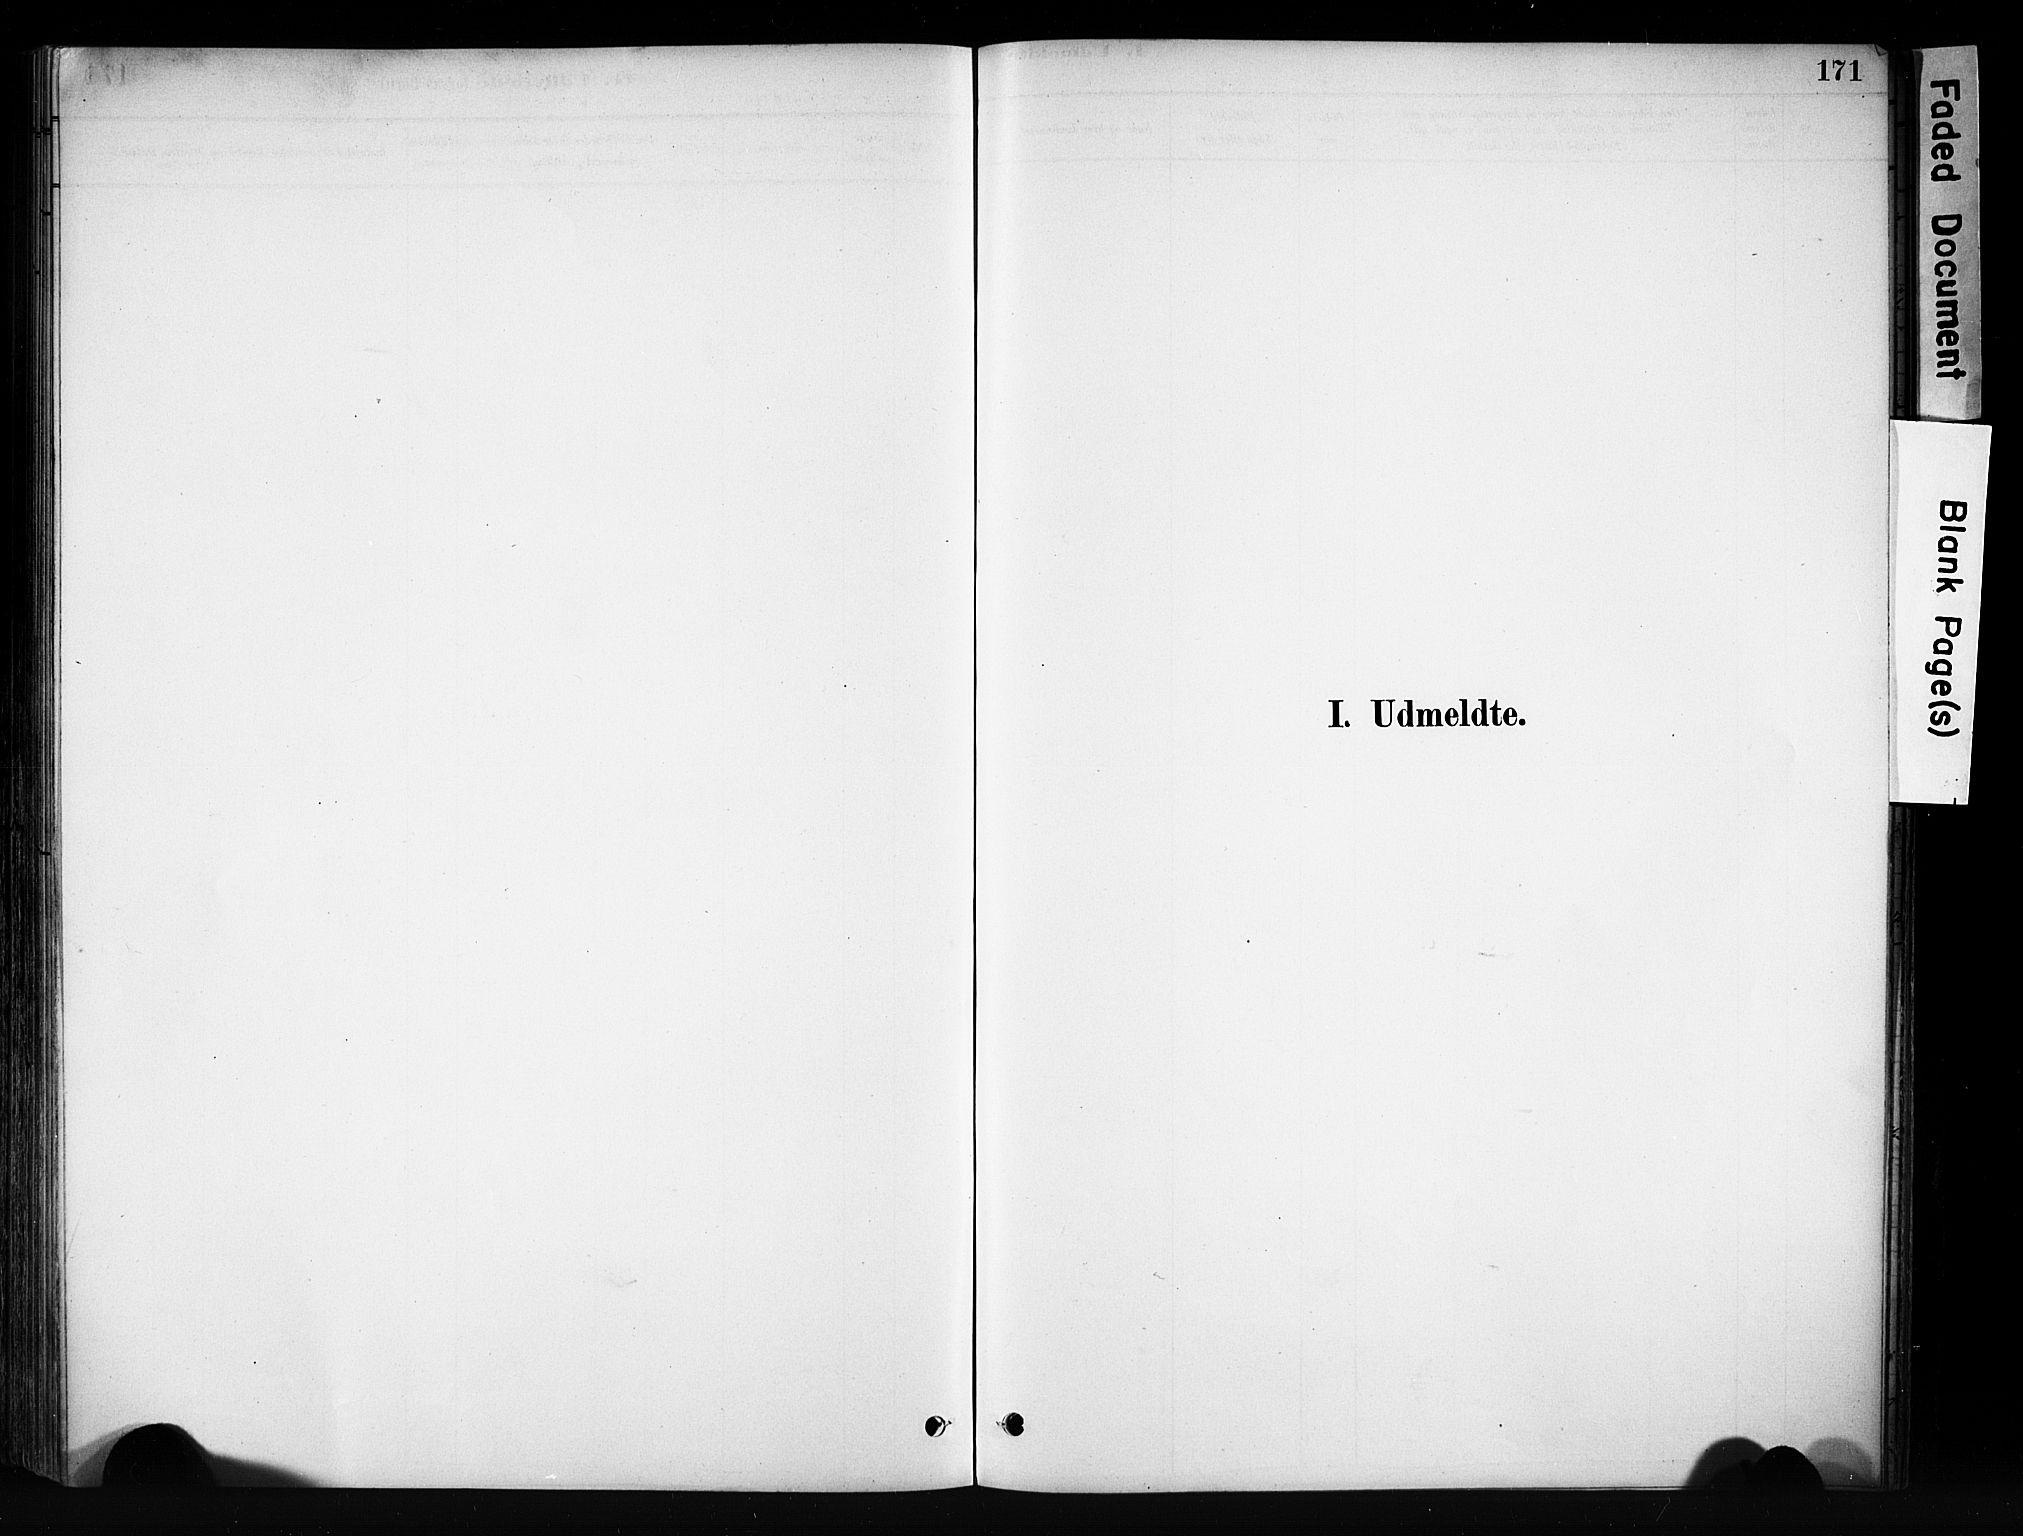 SAH, Vang prestekontor, Valdres, Ministerialbok nr. 9, 1882-1914, s. 171